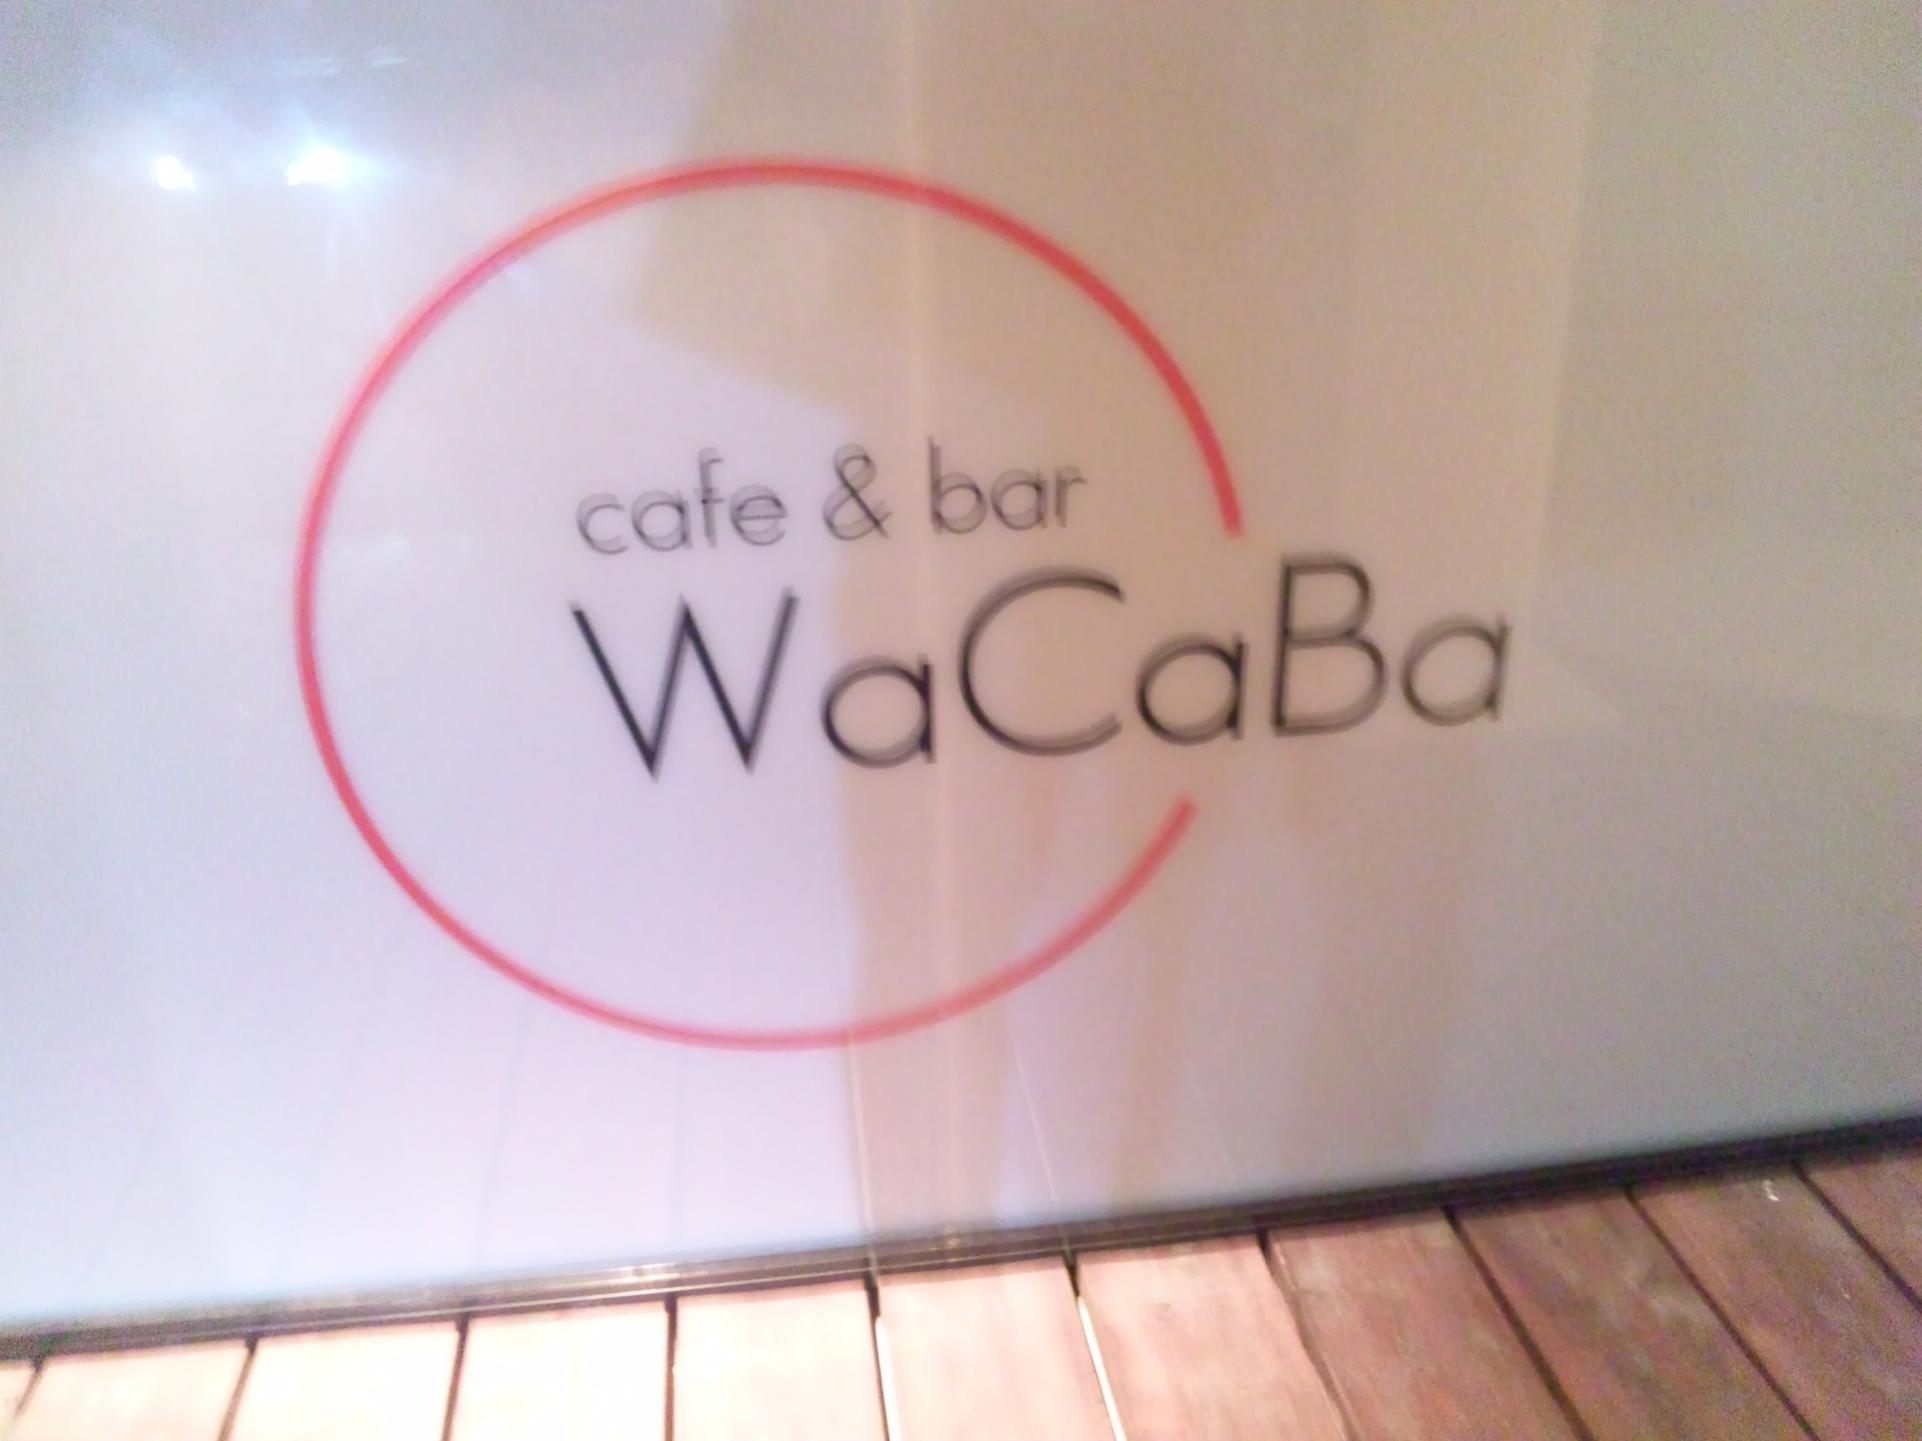 カフェ&バー ワカバ